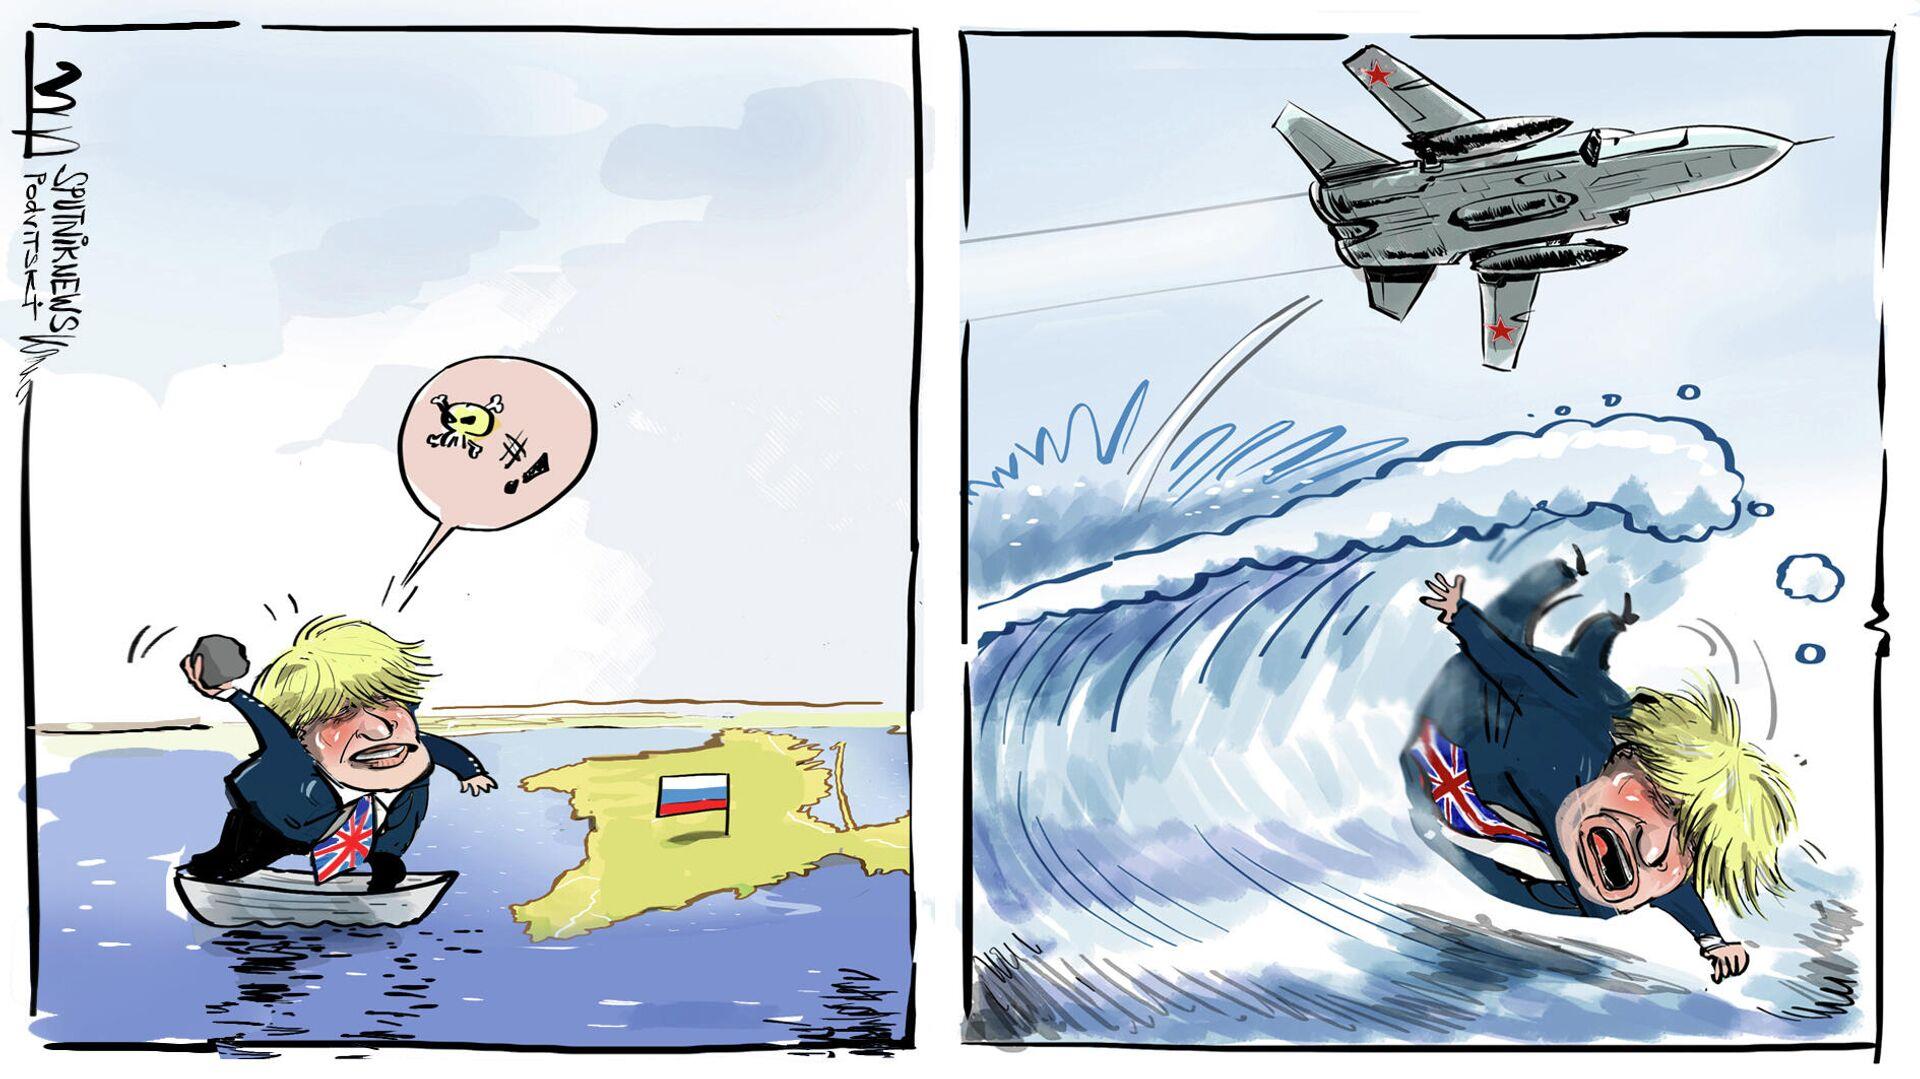 Boris Johnson aparece en el incidente del destructor británico en aguas rusas  - Sputnik Mundo, 1920, 25.06.2021